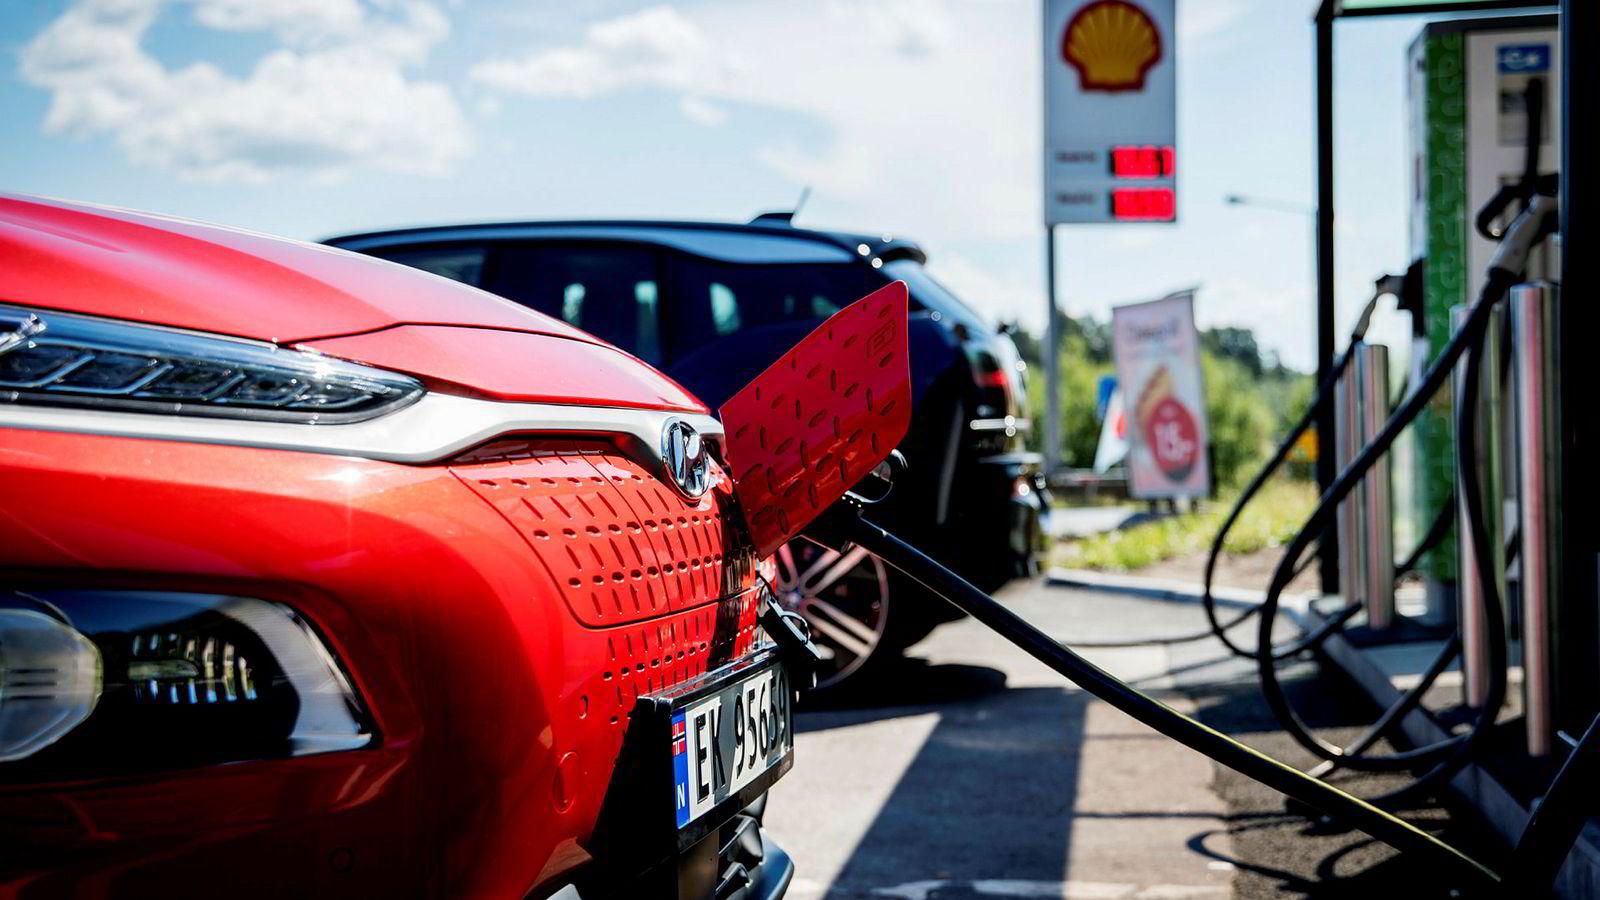 Naf hevder norske bilimportører gjør en for dårlig jobb med å skaffe flere elbiler til landet. Her lades en av Norges mest populære elbiler, Hyundai Kona Electric.